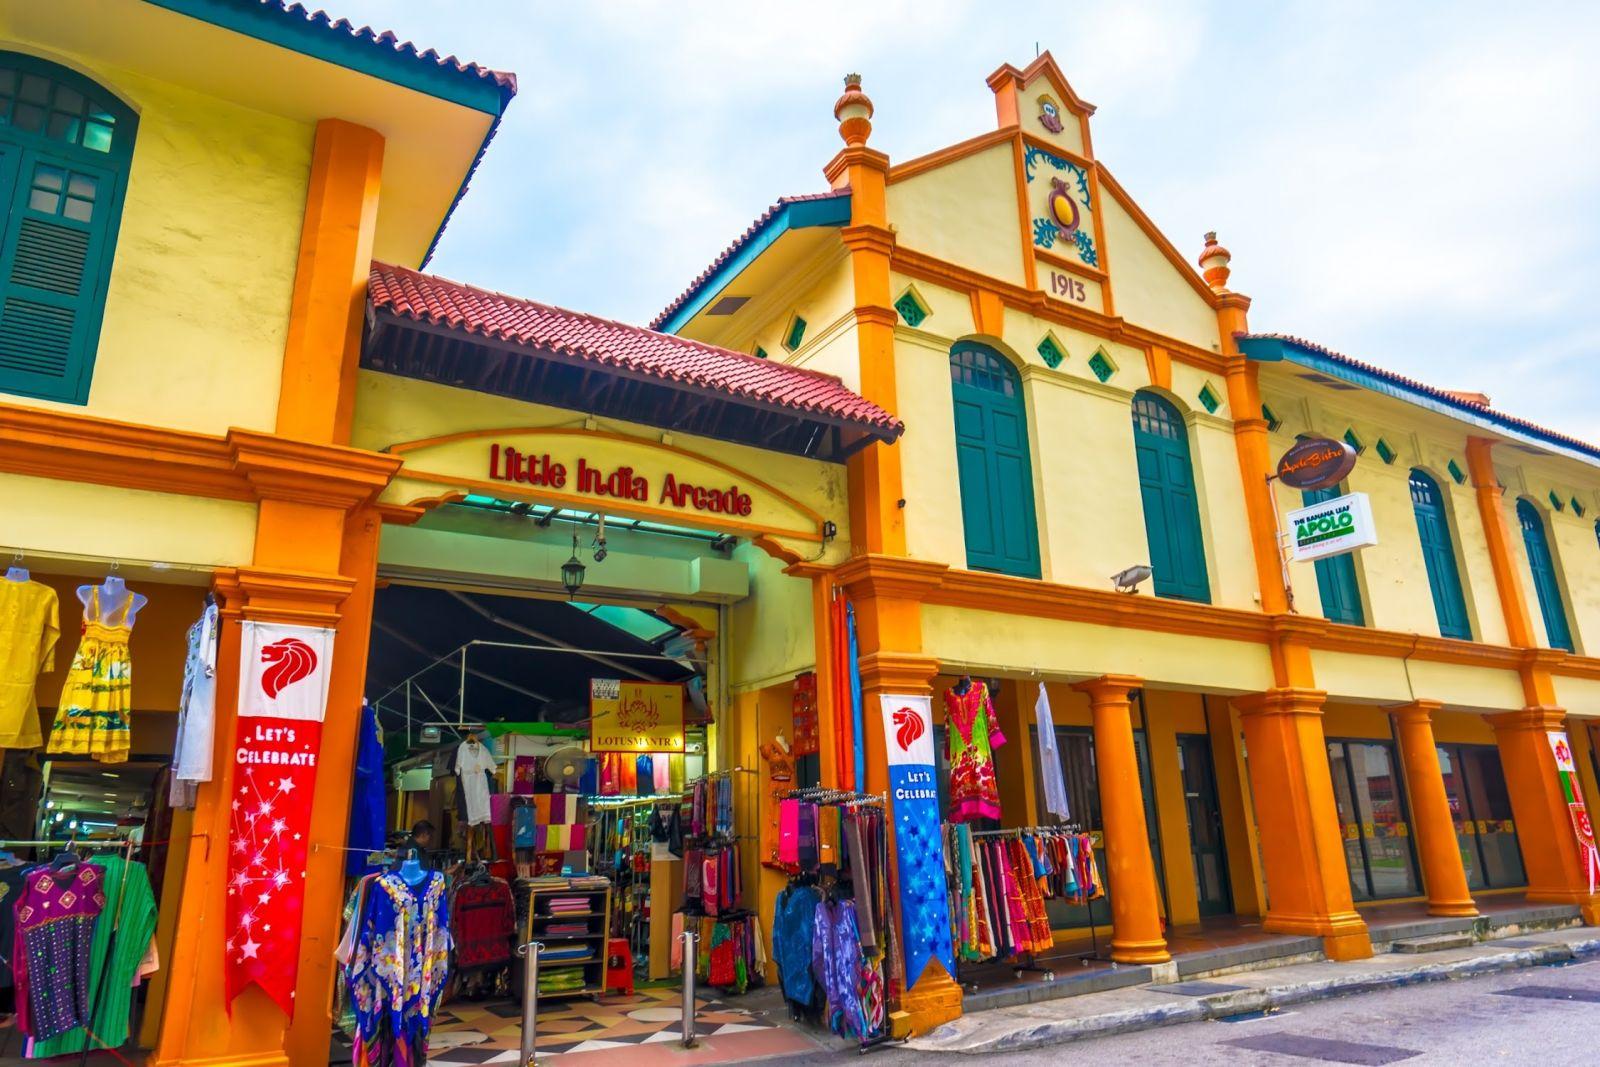 Khu Tiểu Ấn rực rỡ sắc màu văn hóa và nghệ thuật Ấn Độ